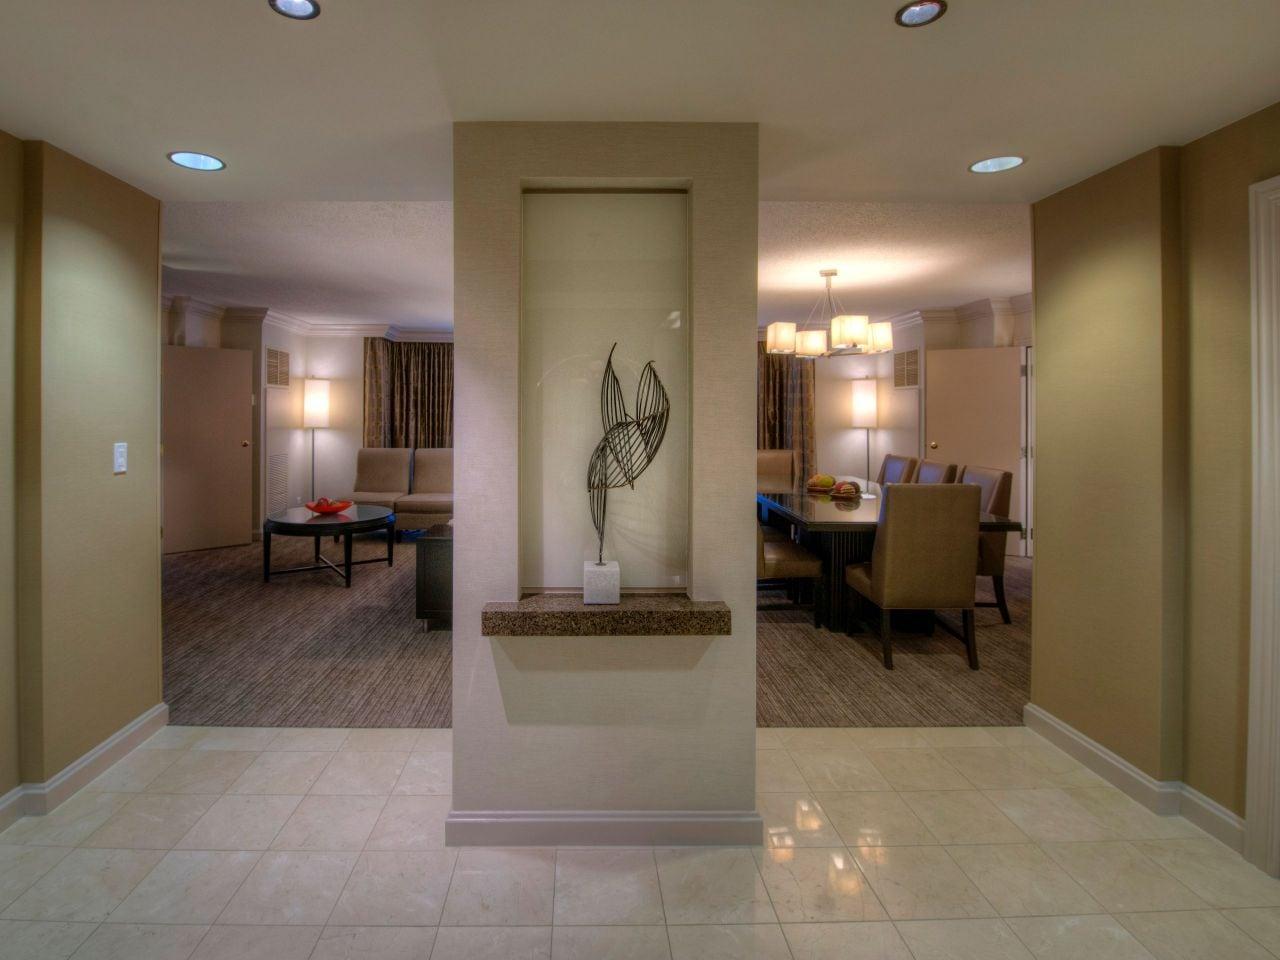 Hotel suite entryway